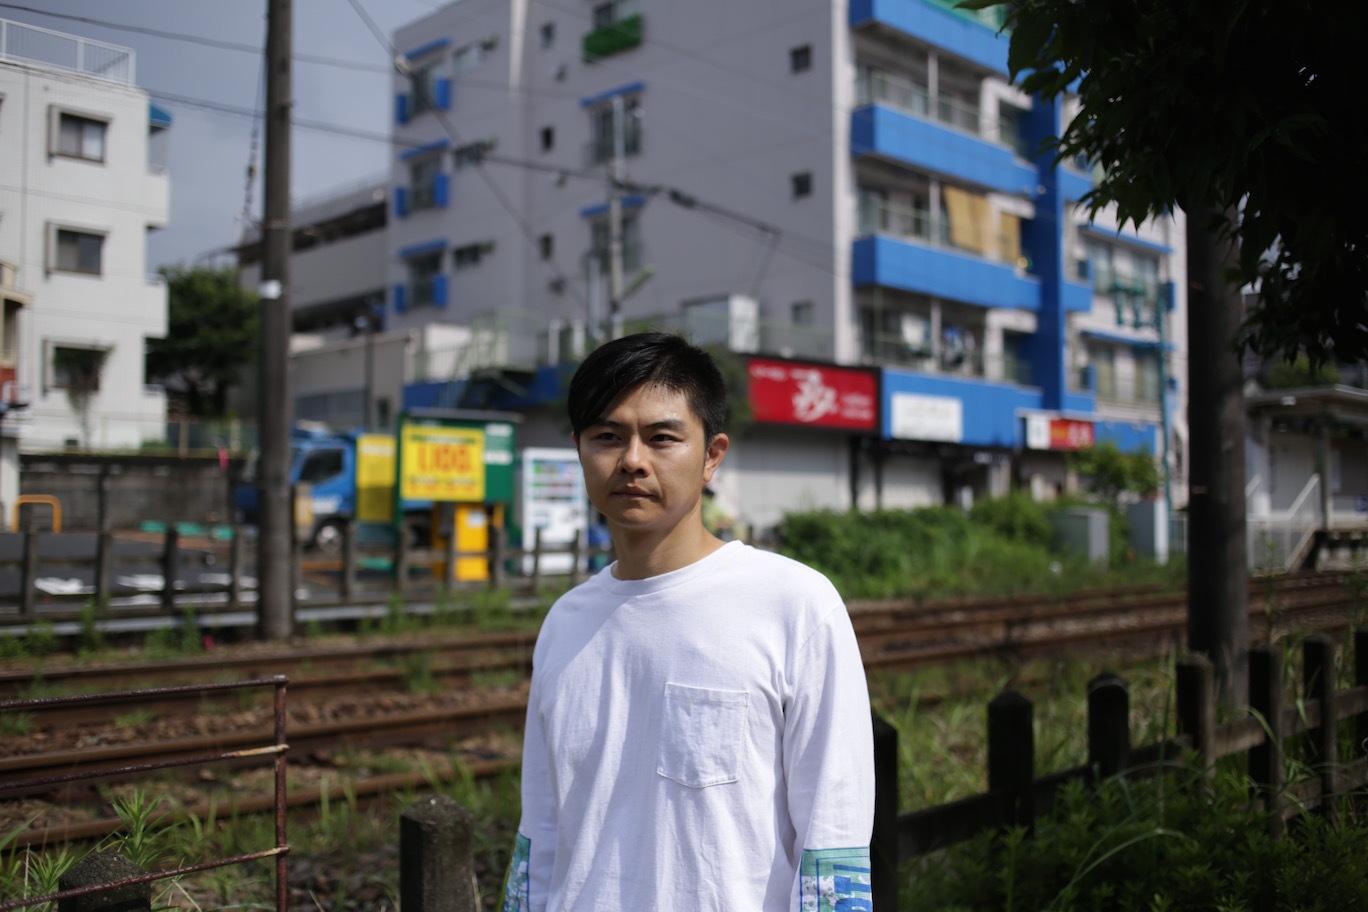 西浦謙助 Photo by Taiyo Kazama